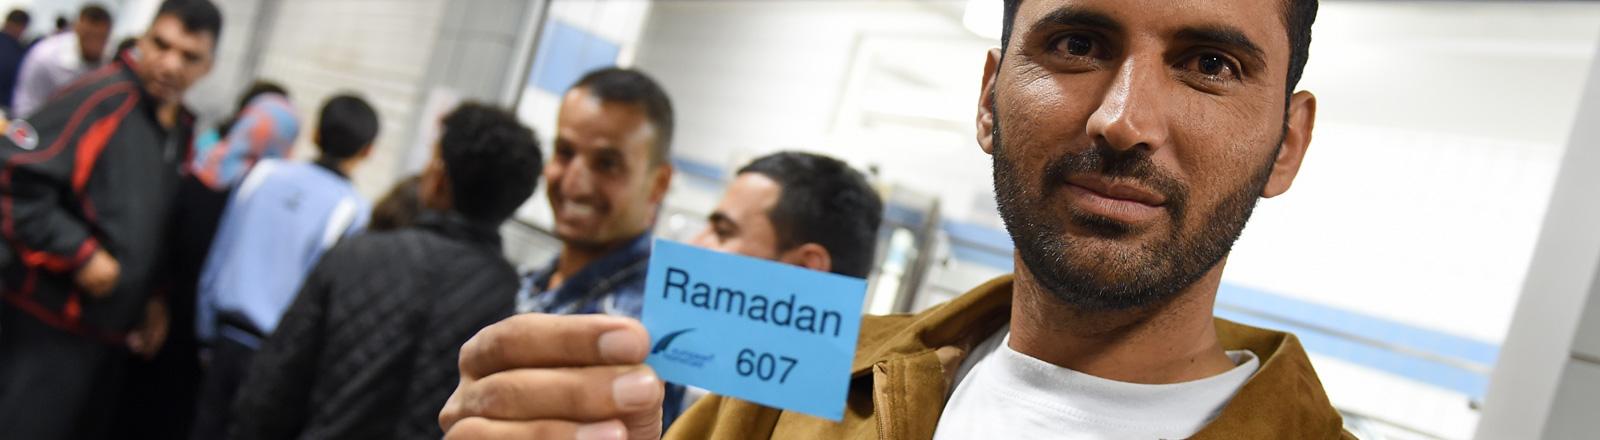 Der Asylbewerber Mohamed hält in der Erstaufnahmestelle für Flüchtlinge in Meßstetten eine blaue Essensmarke in der Hand auf der Ramadan steht. Es ist nach Sonnenuntergang; Foto: dpa